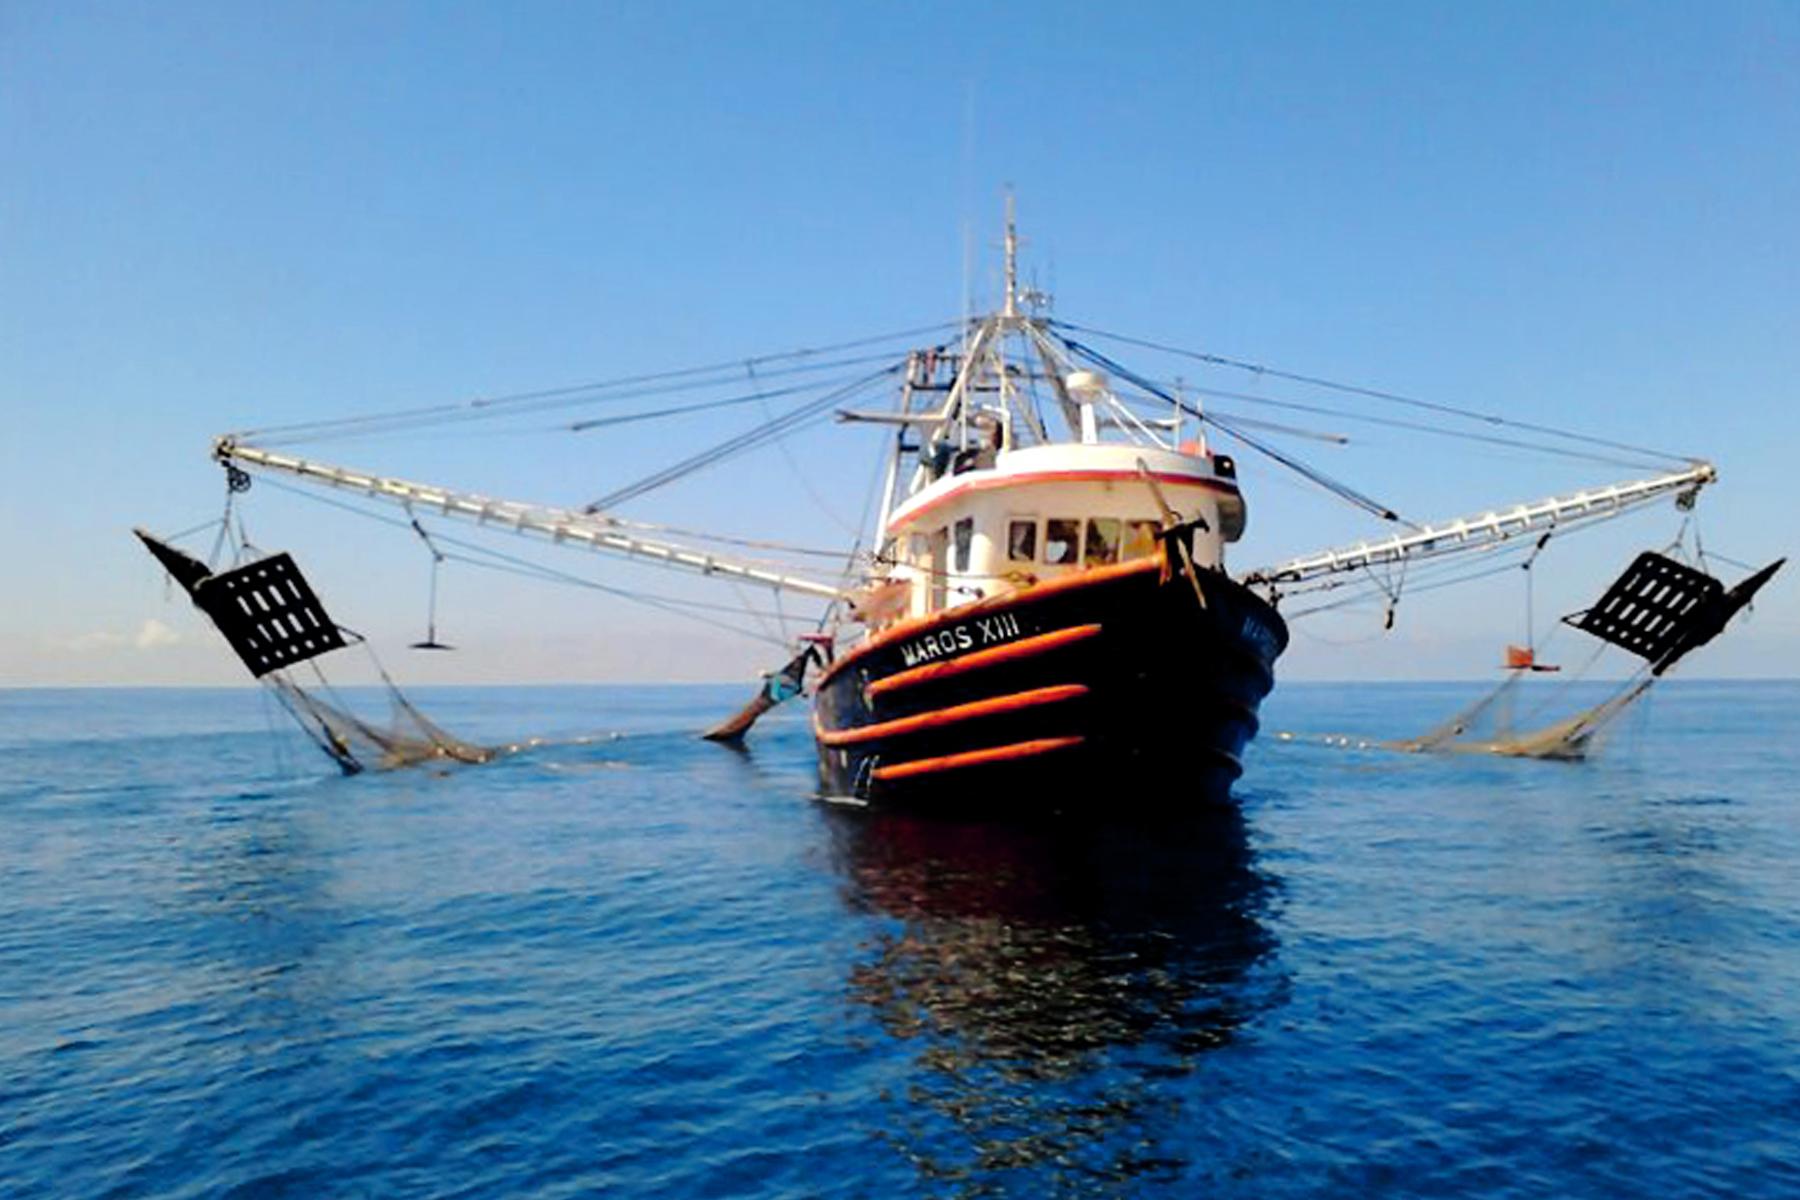 barco_camaronero-1.jpg